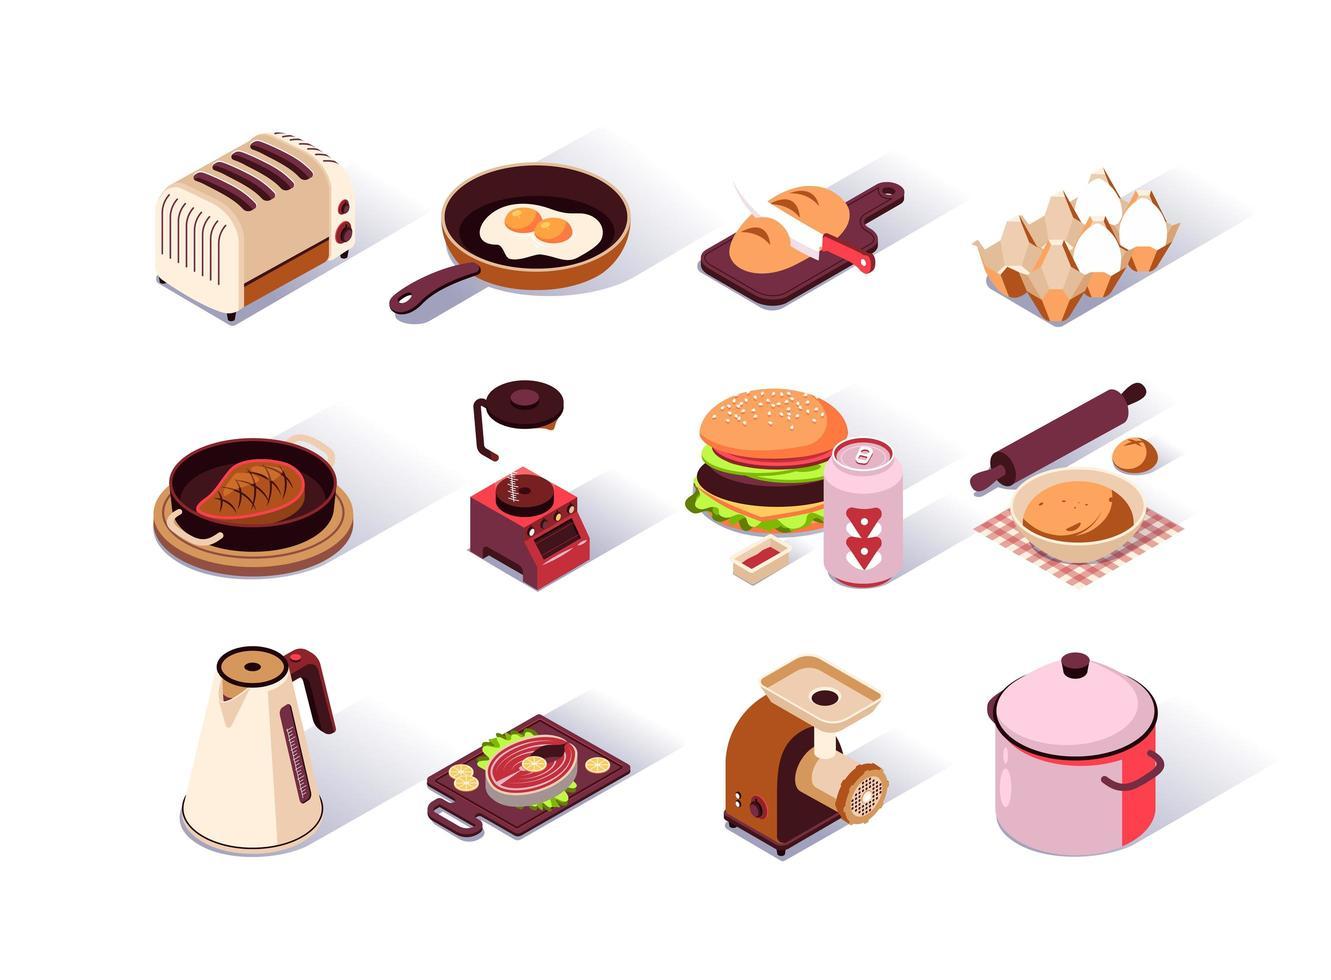 conjunto de iconos isométricos de utensilios de cocina vector